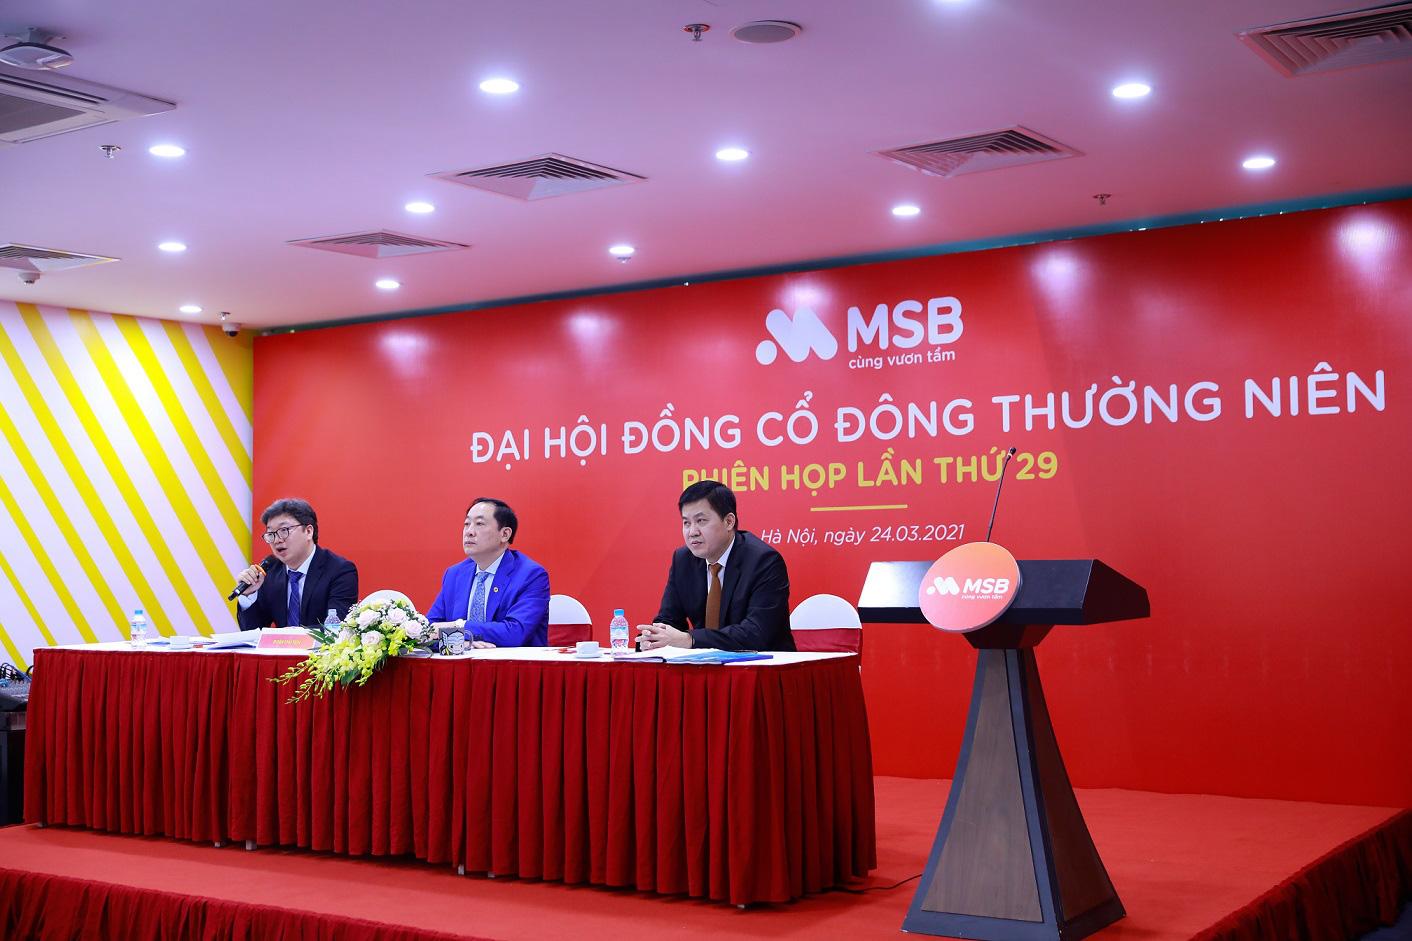 MSB đặt mục tiêu lợi nhuận 2021 tăng 30%, trình phương án tăng vốn điều lệ thông qua trả cổ tức bằng cổ phiếu - Ảnh 1.